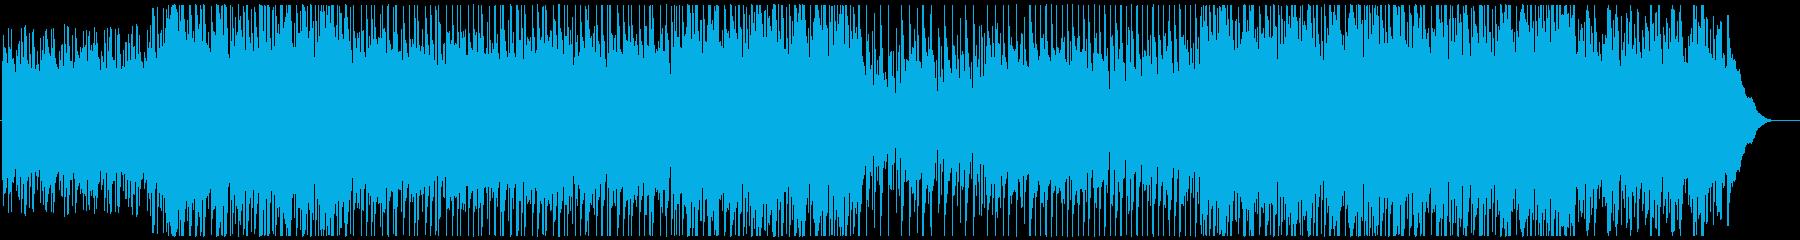 ピアノの旋律が未来を感じさせるポップスの再生済みの波形